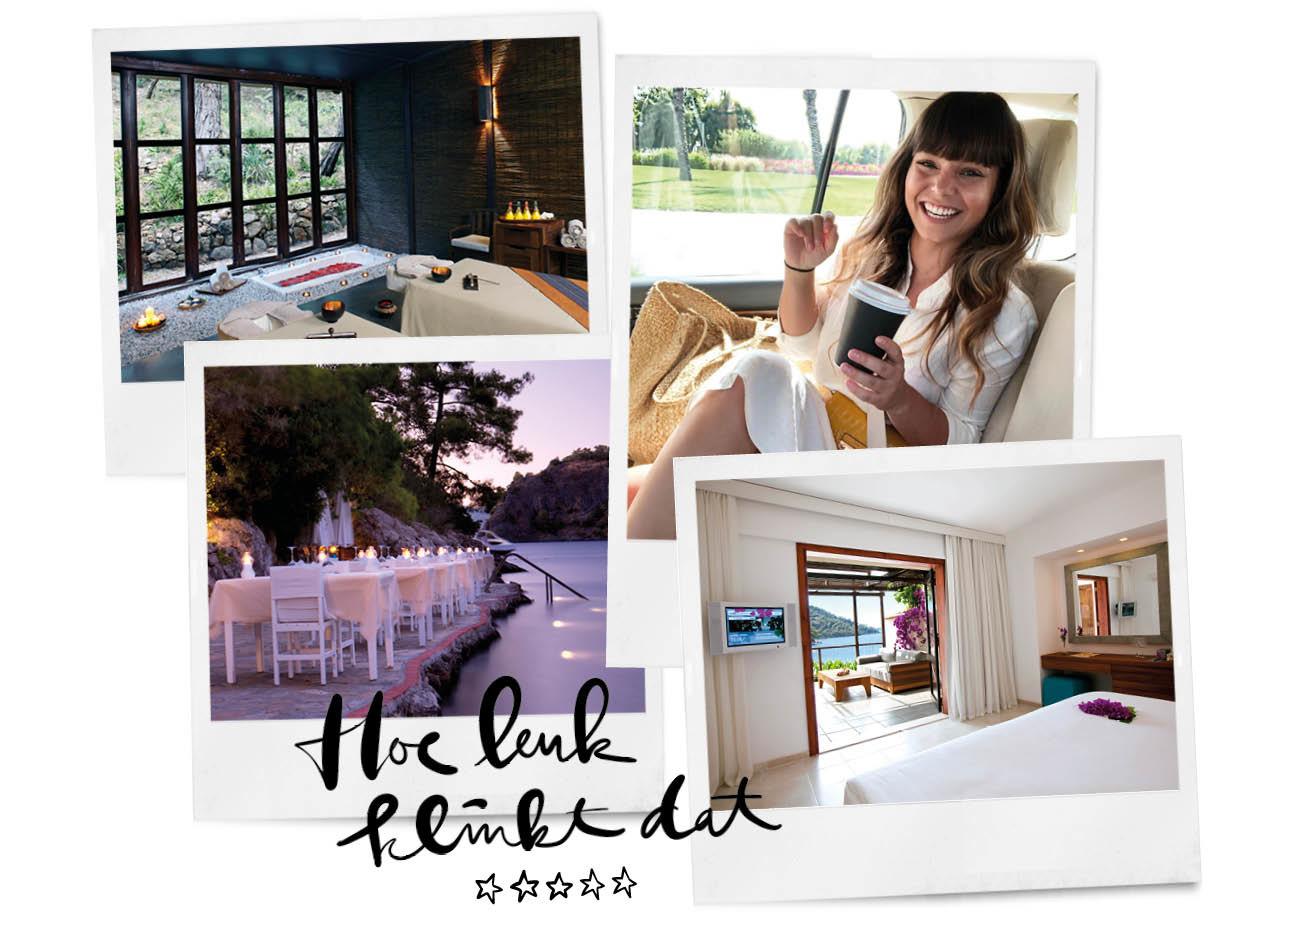 Kiki duren lachend in de taxi in het buitenland hillside beach hotel de spa slaapkamer restaurant luxe